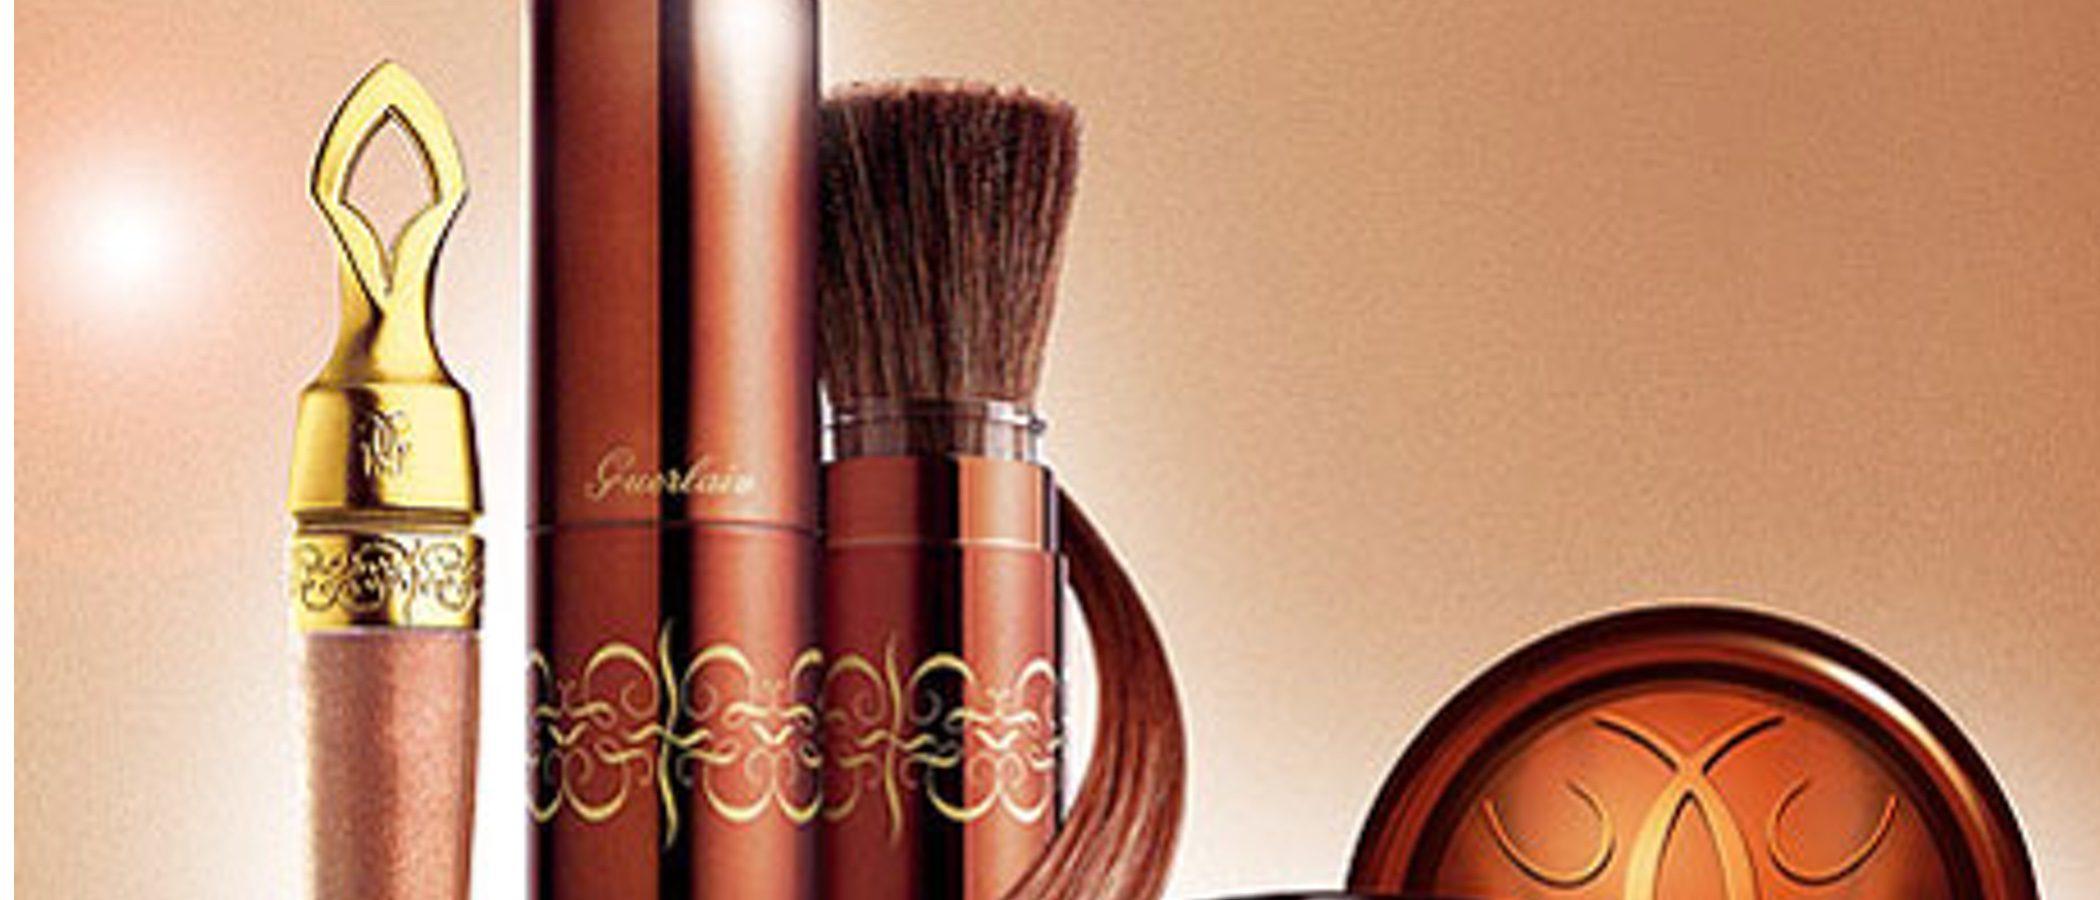 Guerlain presenta su nueva colección Terracotta